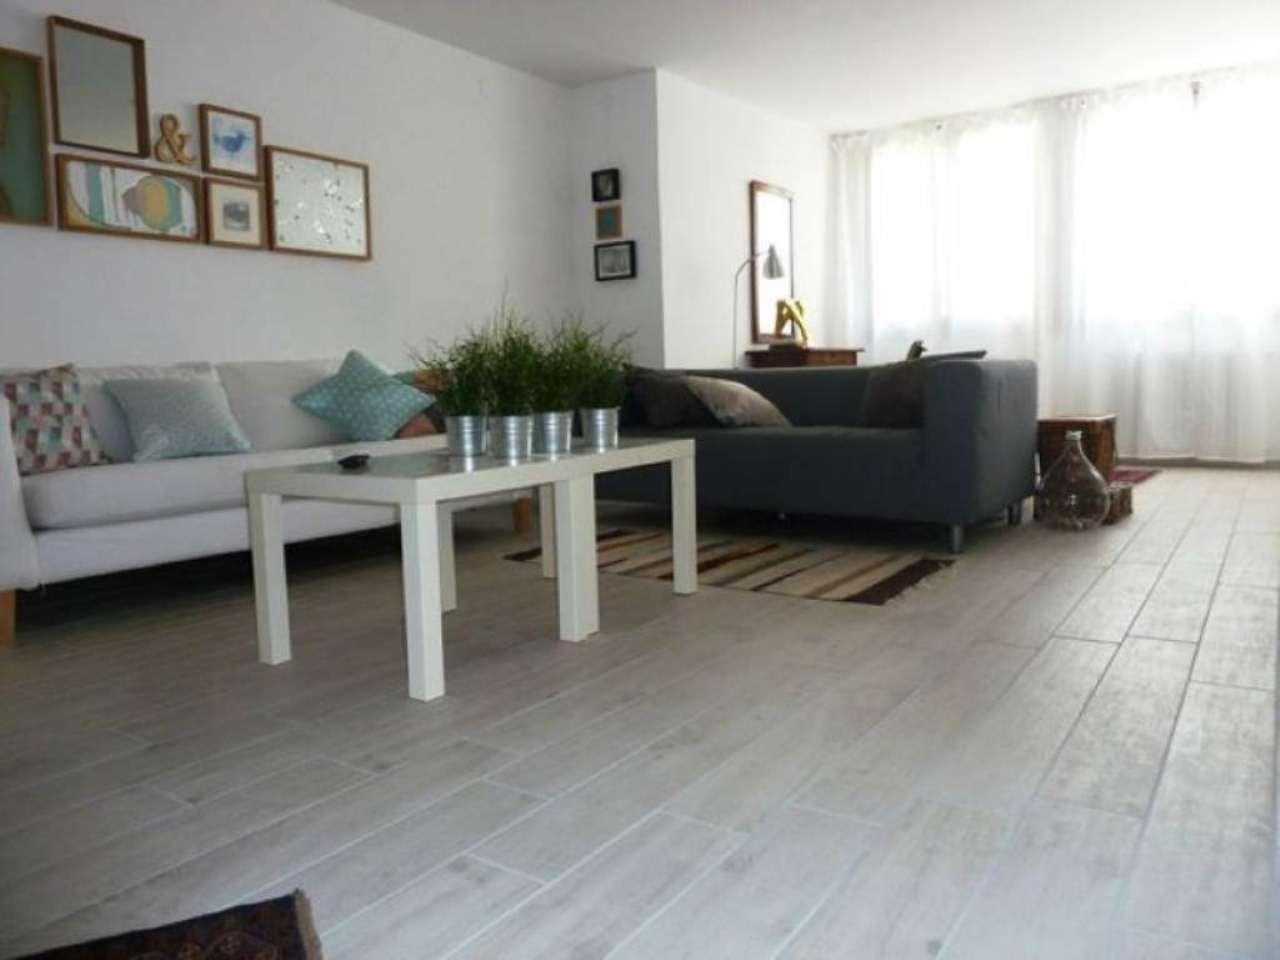 Attico / Mansarda in vendita a Venezia, 4 locali, zona Zona: 5 . San Marco, prezzo € 845.000 | Cambio Casa.it